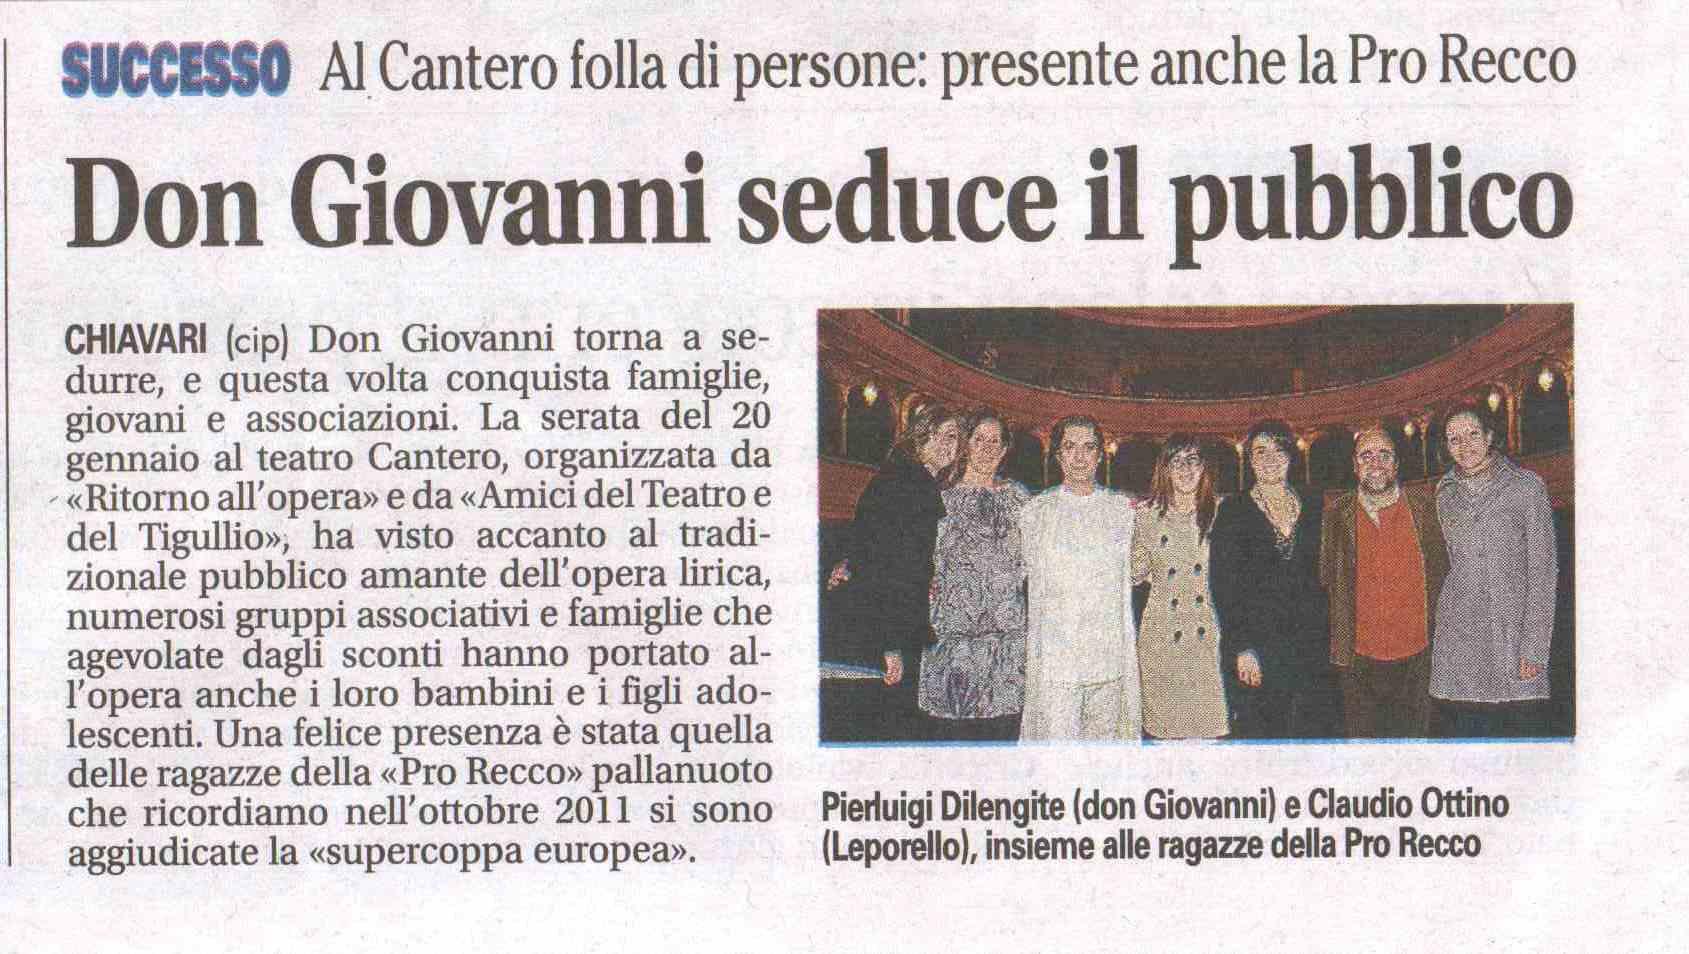 27.01.2012 – IL NUOVO LEVANTE – Don Giovanni